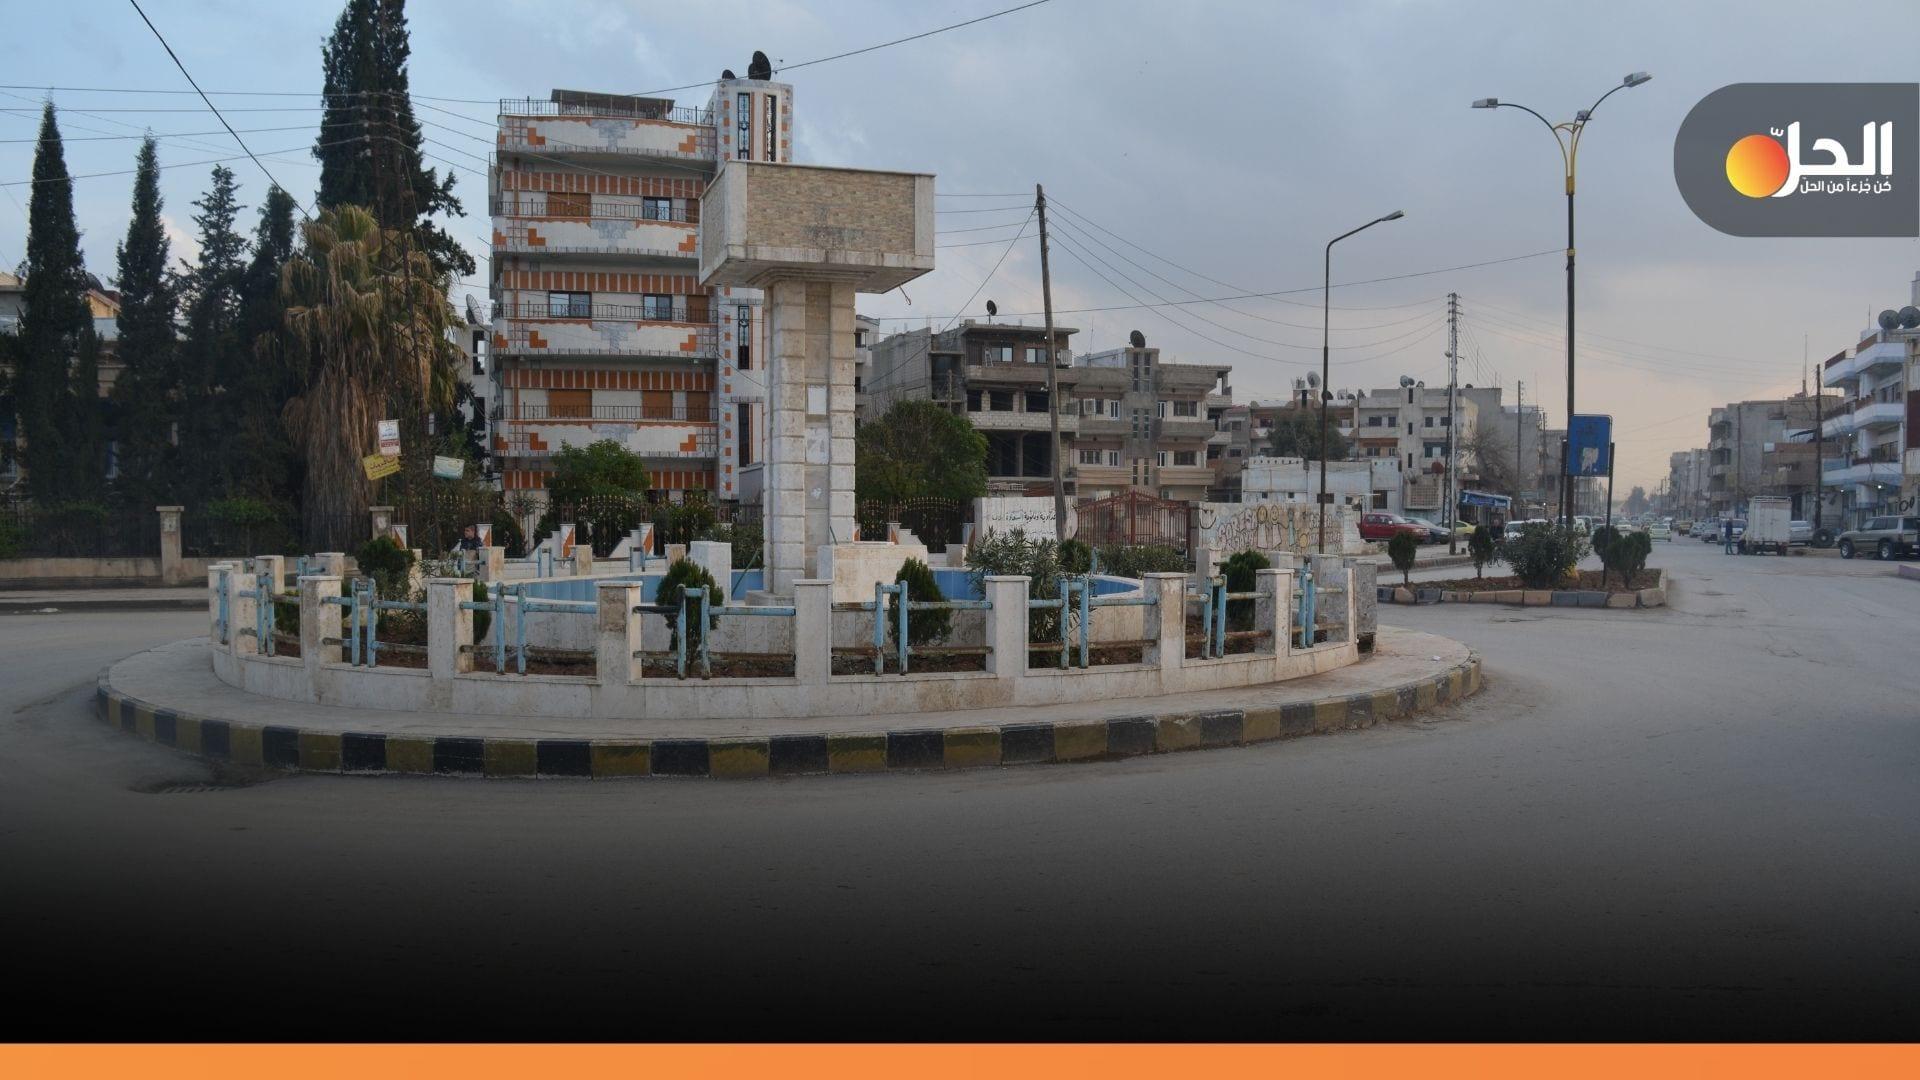 """عودة التوتر إلى مدينة """"القامشلي"""" وتبادل الاعتقالات بين «القوات الحكوميّة» و«الآساييش»"""